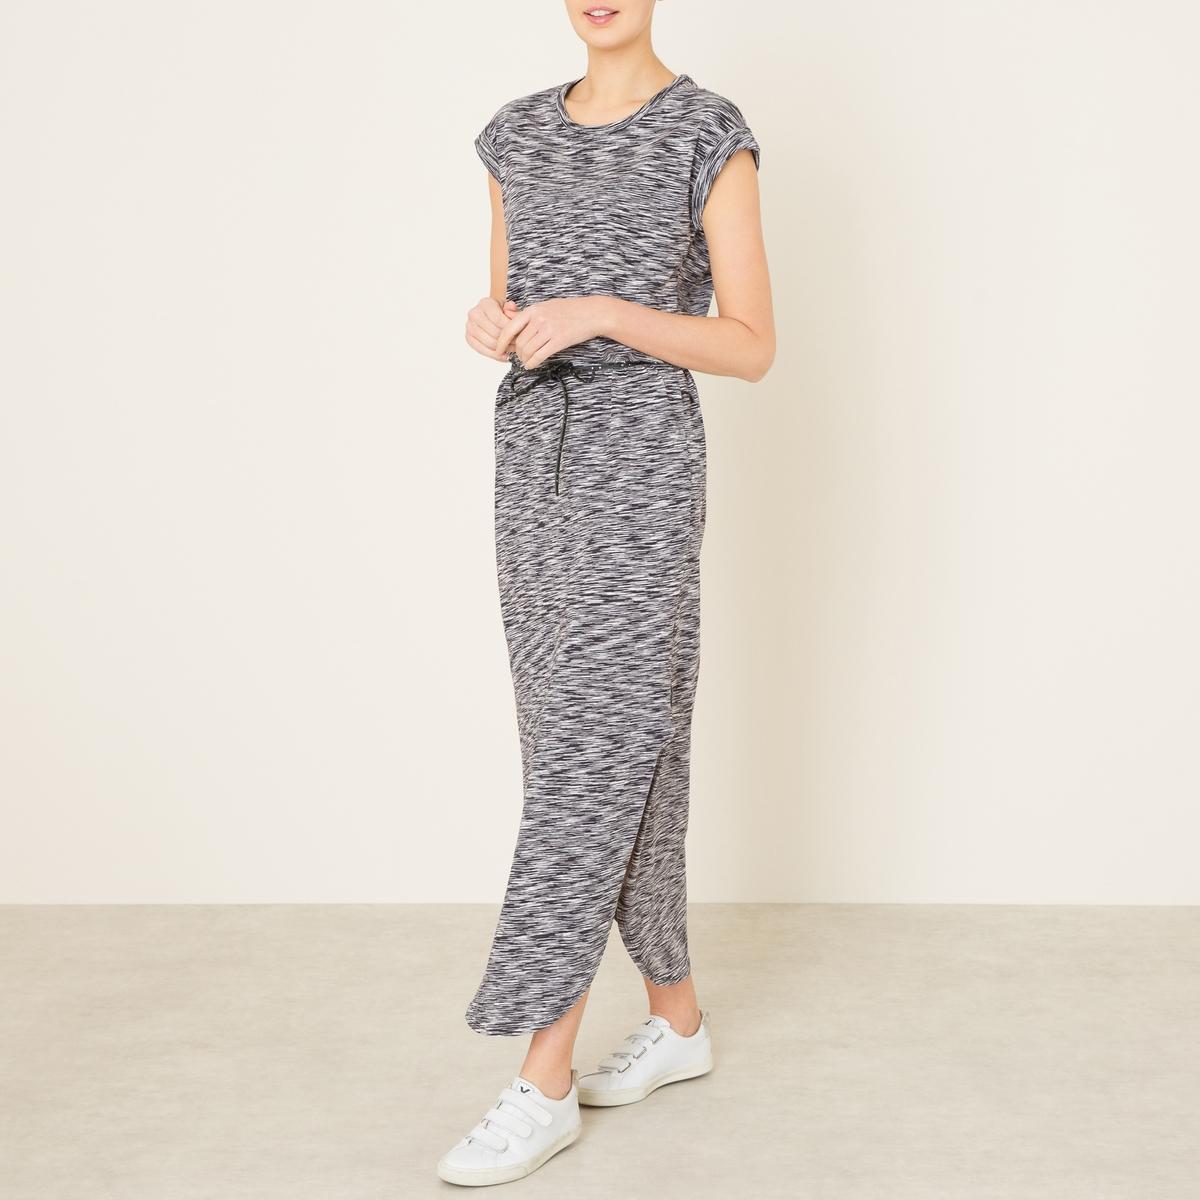 Платье длинное с поясомСостав и описание Материал : 100% хлопокДлина : ок. 140 см. для размера 36Марка : MAISON SCOTCH<br><br>Цвет: черный,экрю/черный